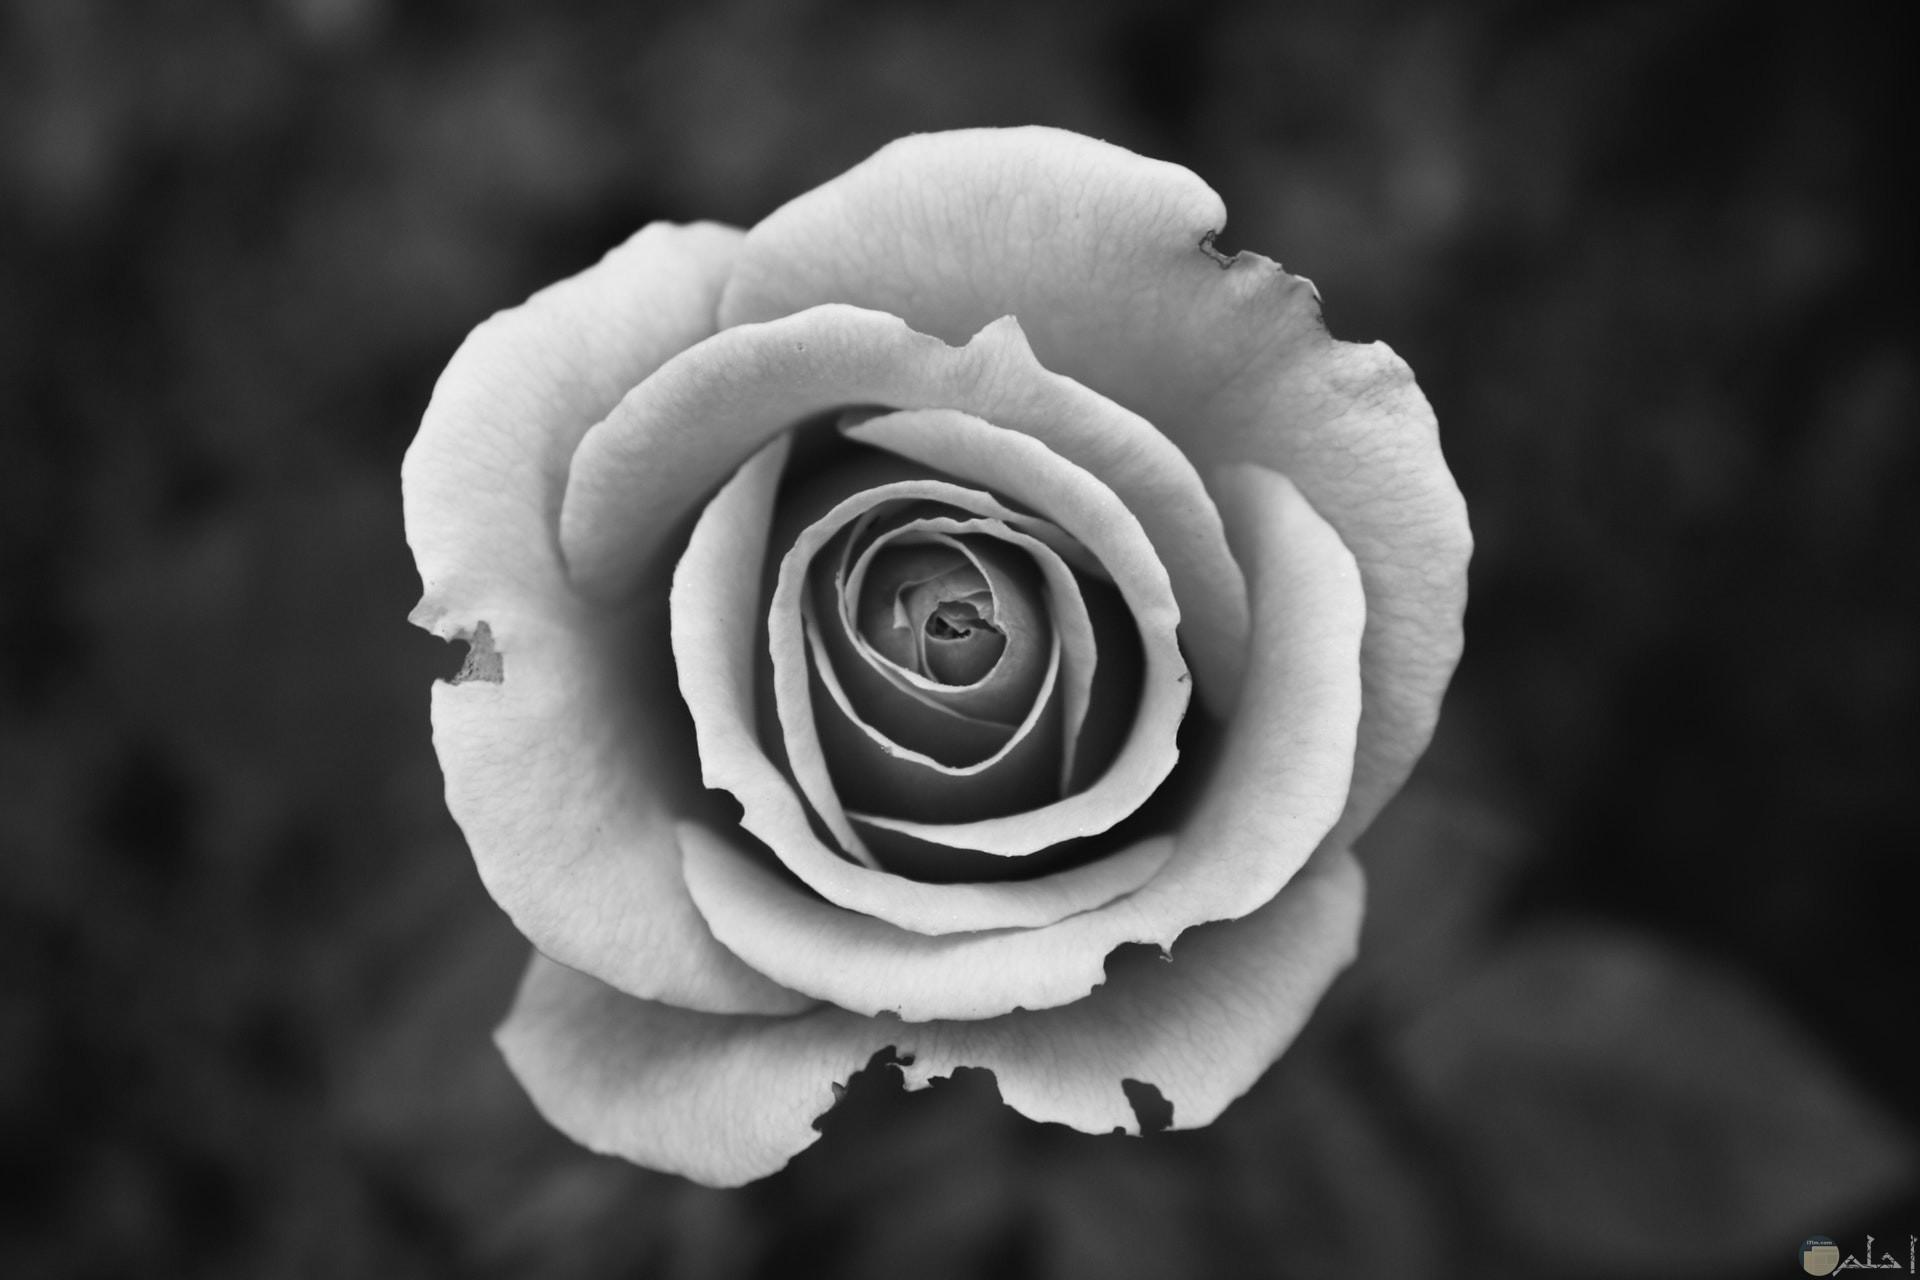 صورة حزينة وكئيبة لوردة بيضاء غير سليمة